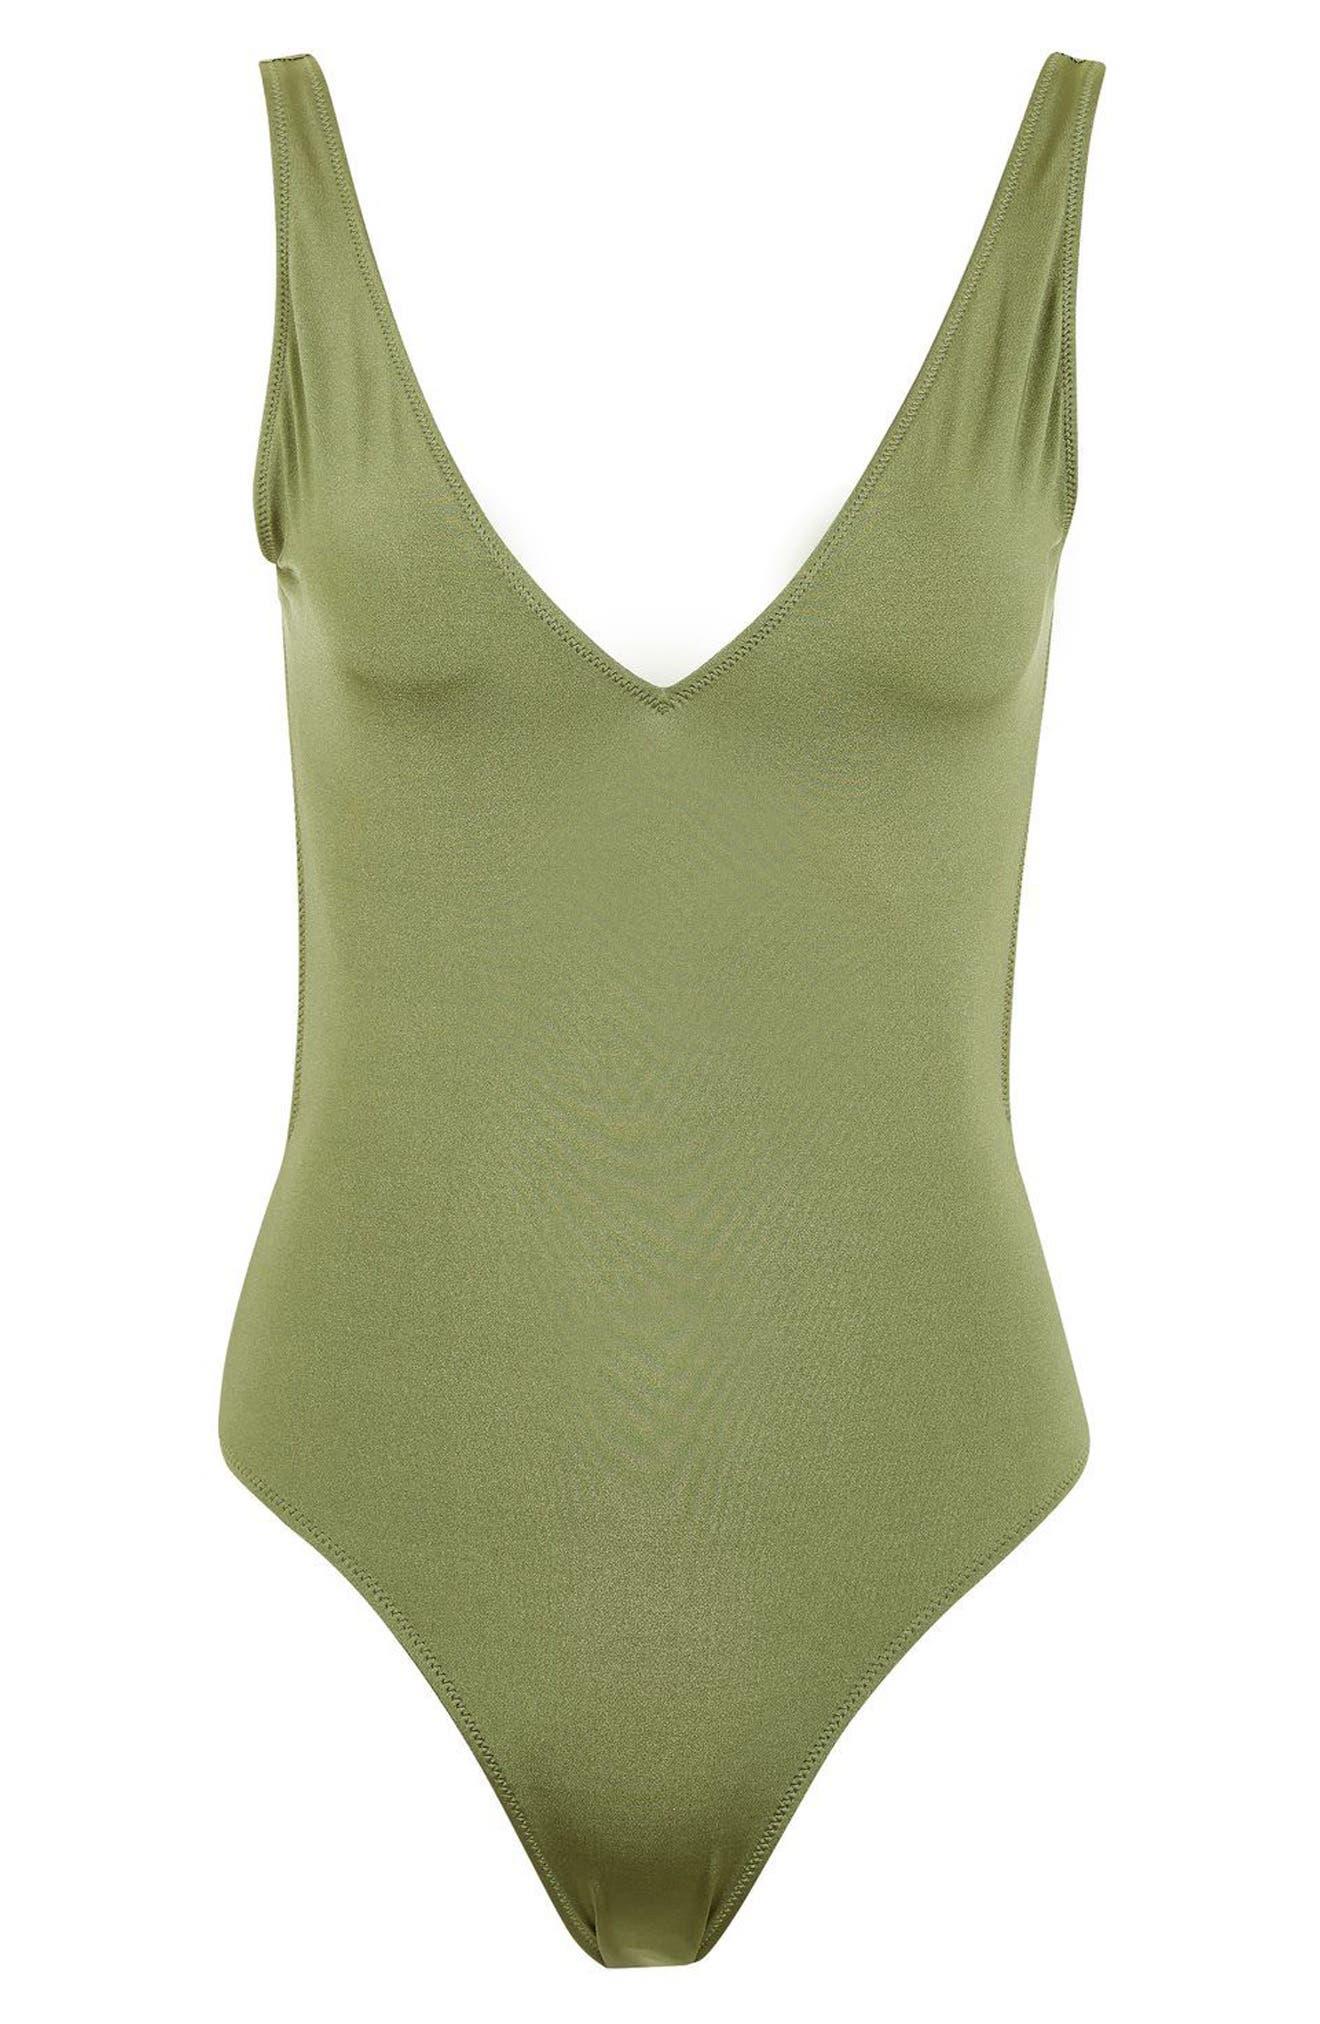 Pamela One-Piece Swimsuit,                             Alternate thumbnail 7, color,                             650